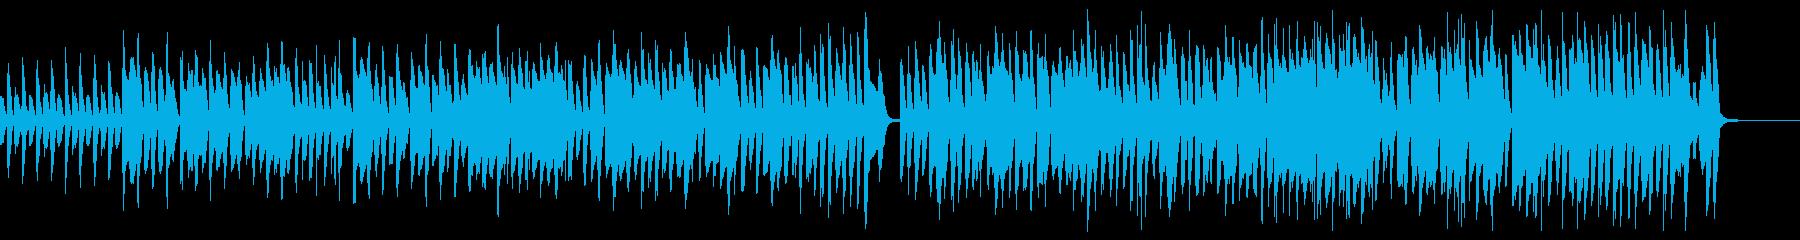 ひょうきんでポップな日常のBGMの再生済みの波形